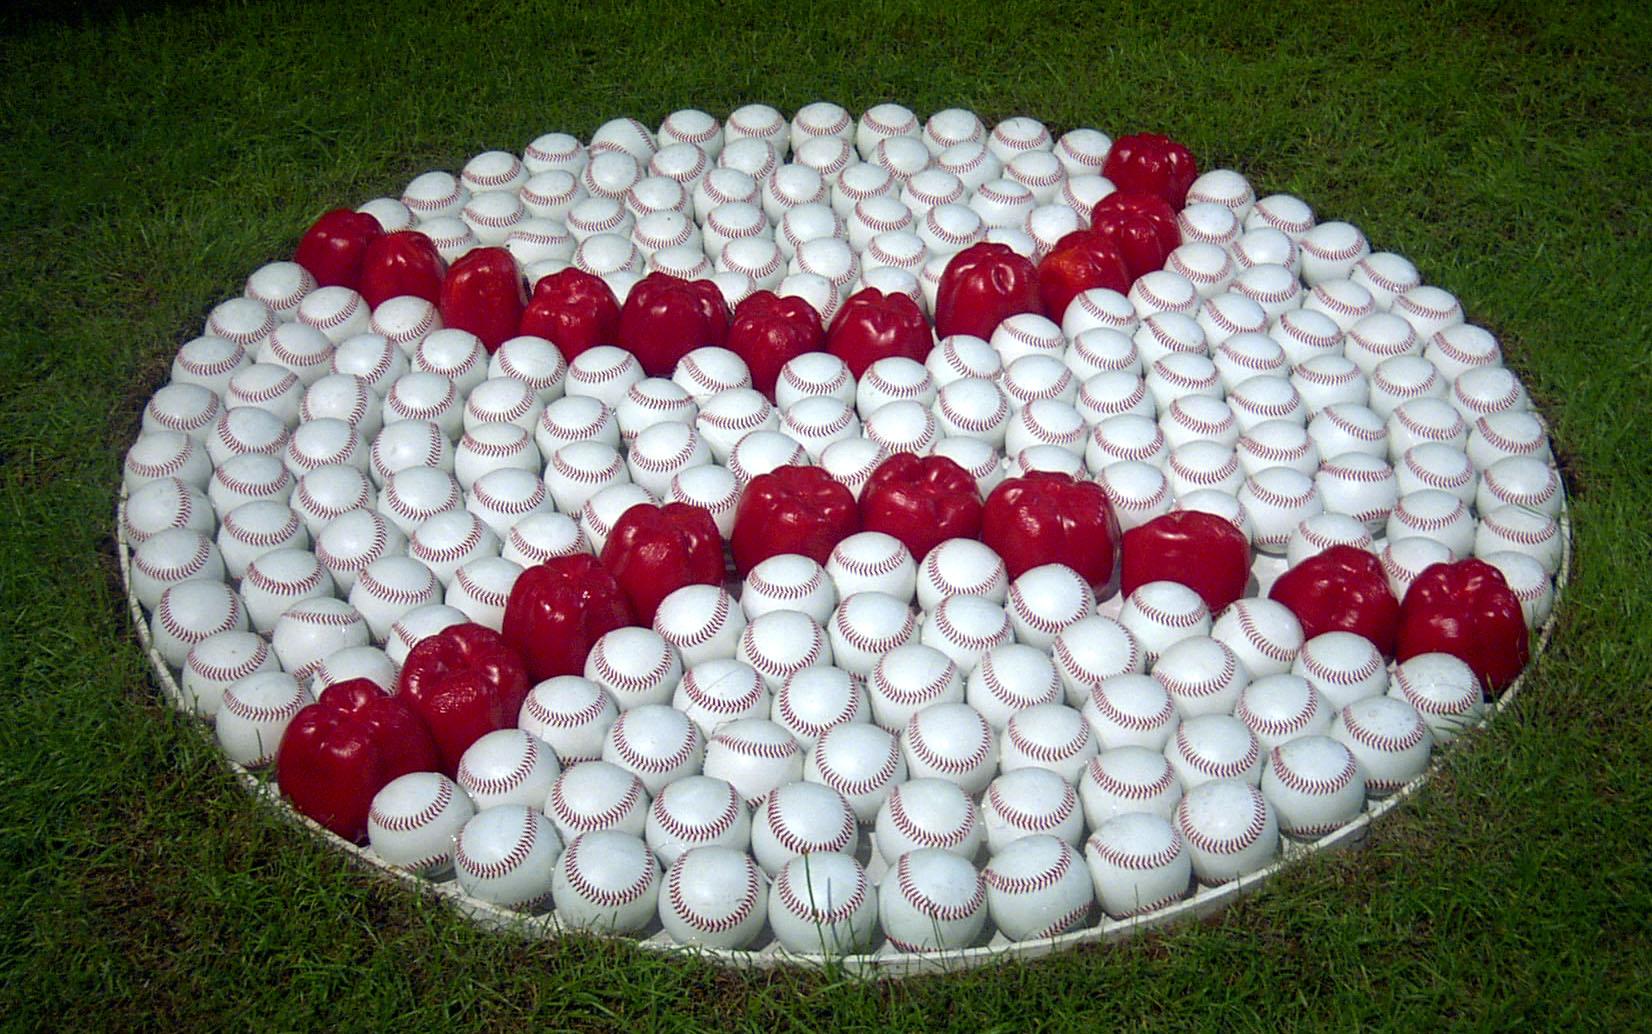 野球ボールと唐辛子を使って巨大な野球ボールを作るアート